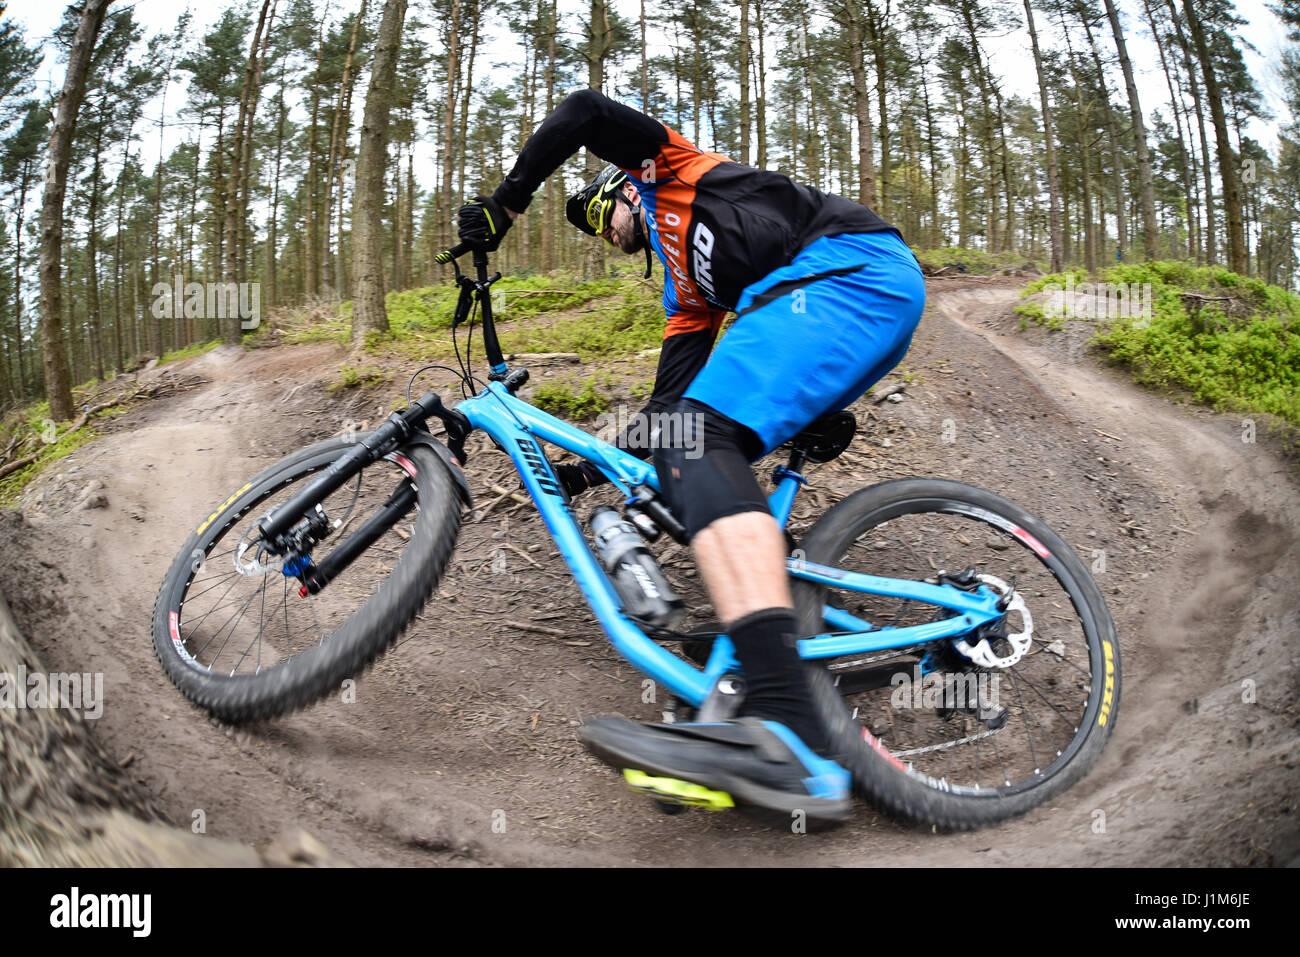 Mountain biking in Surrey hills - action shot - Stock Image